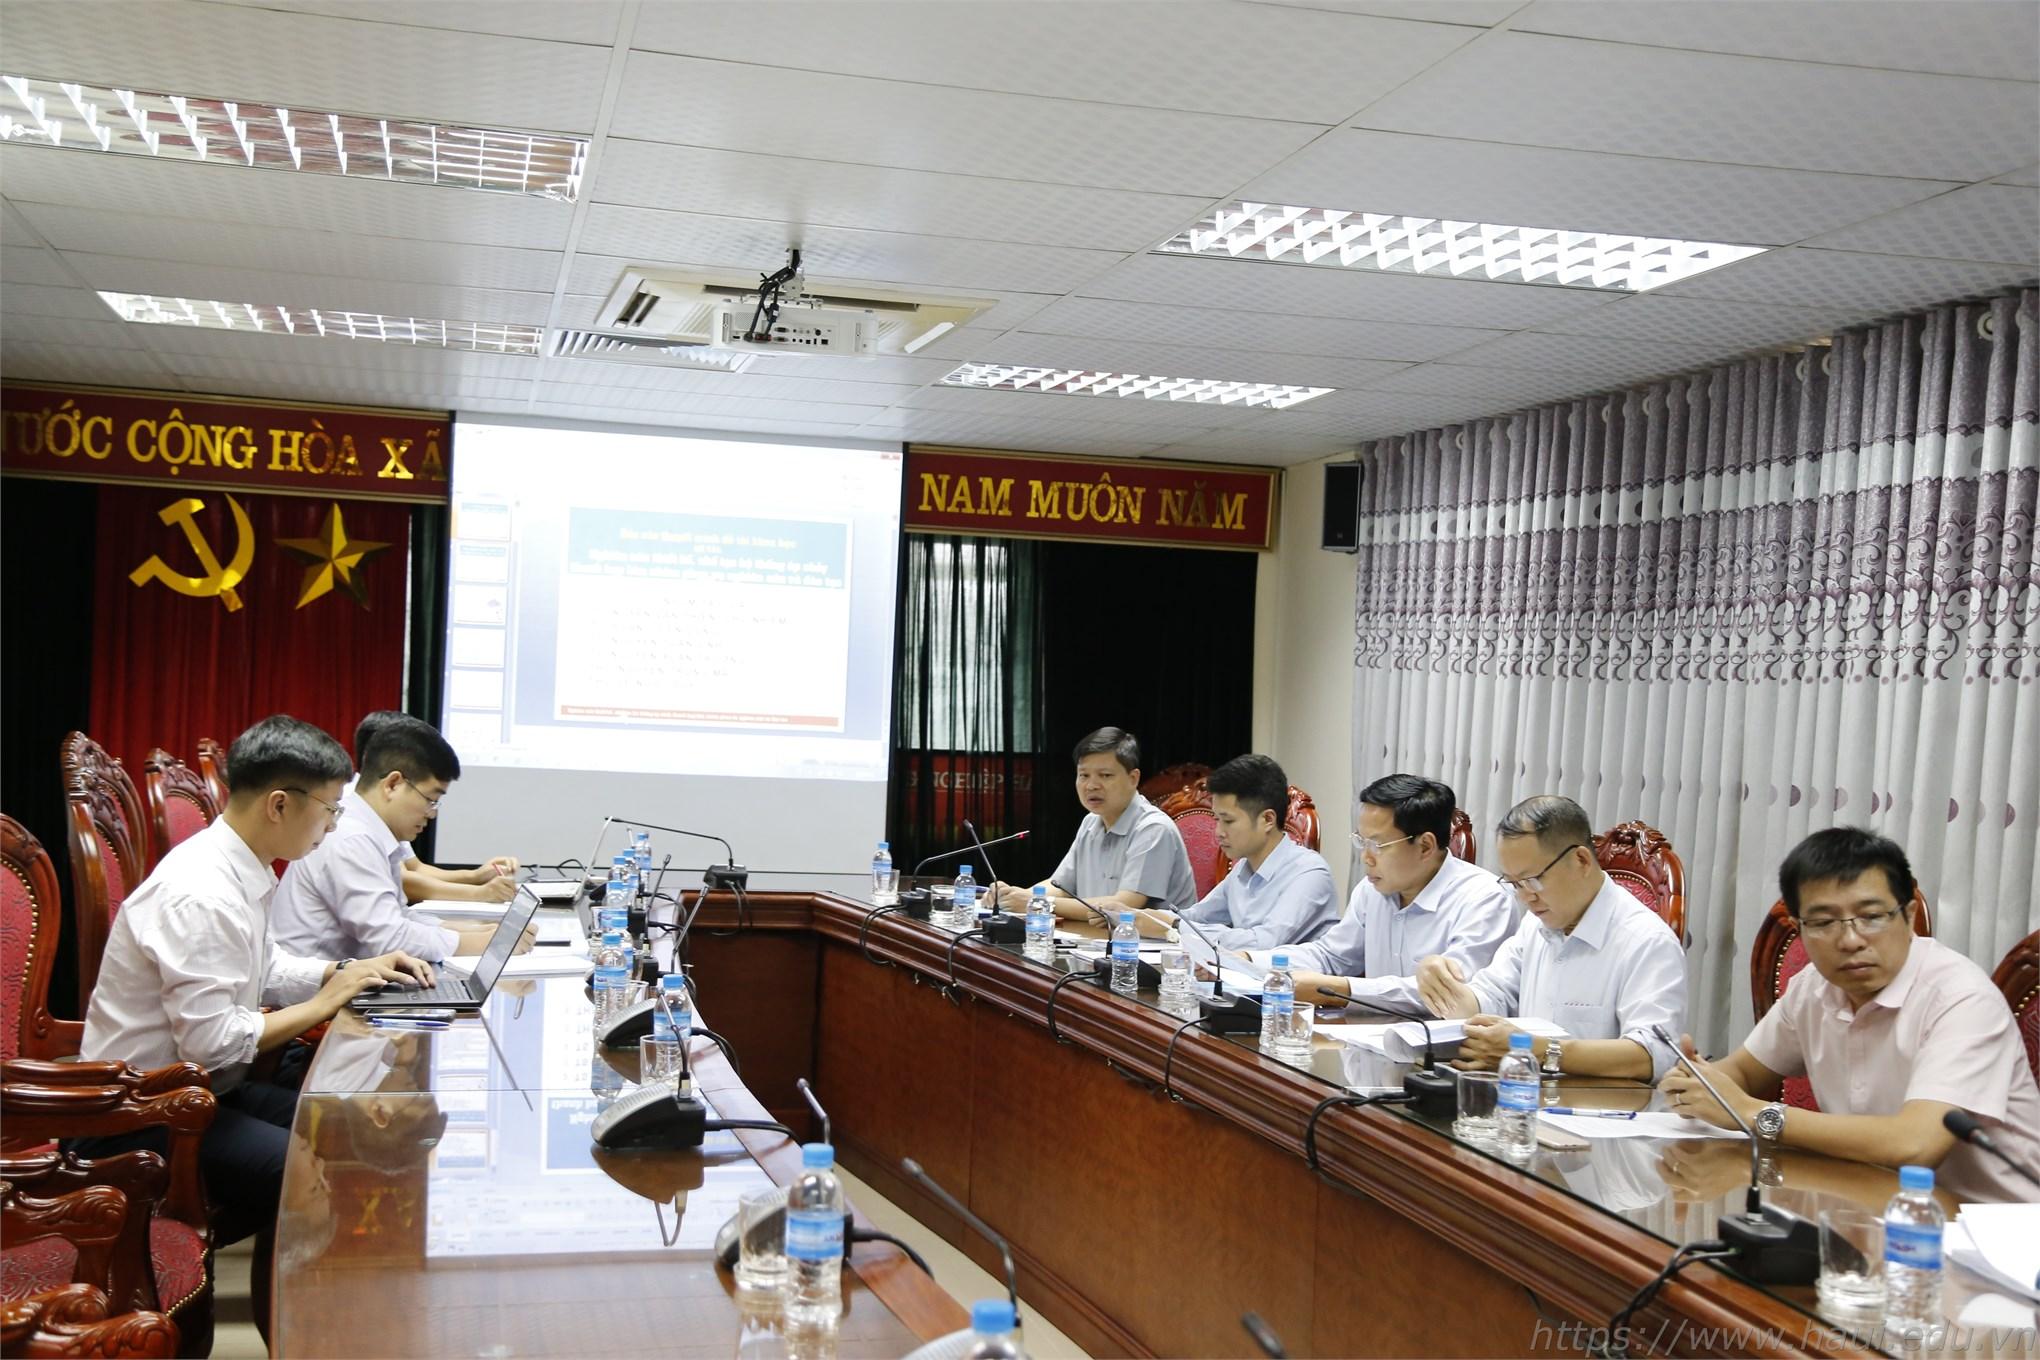 PGS.TS. Phạm Văn Đông – Trưởng phòng Khoa học Công nghệ - Chủ tịch Hội đồng nghiệm thu